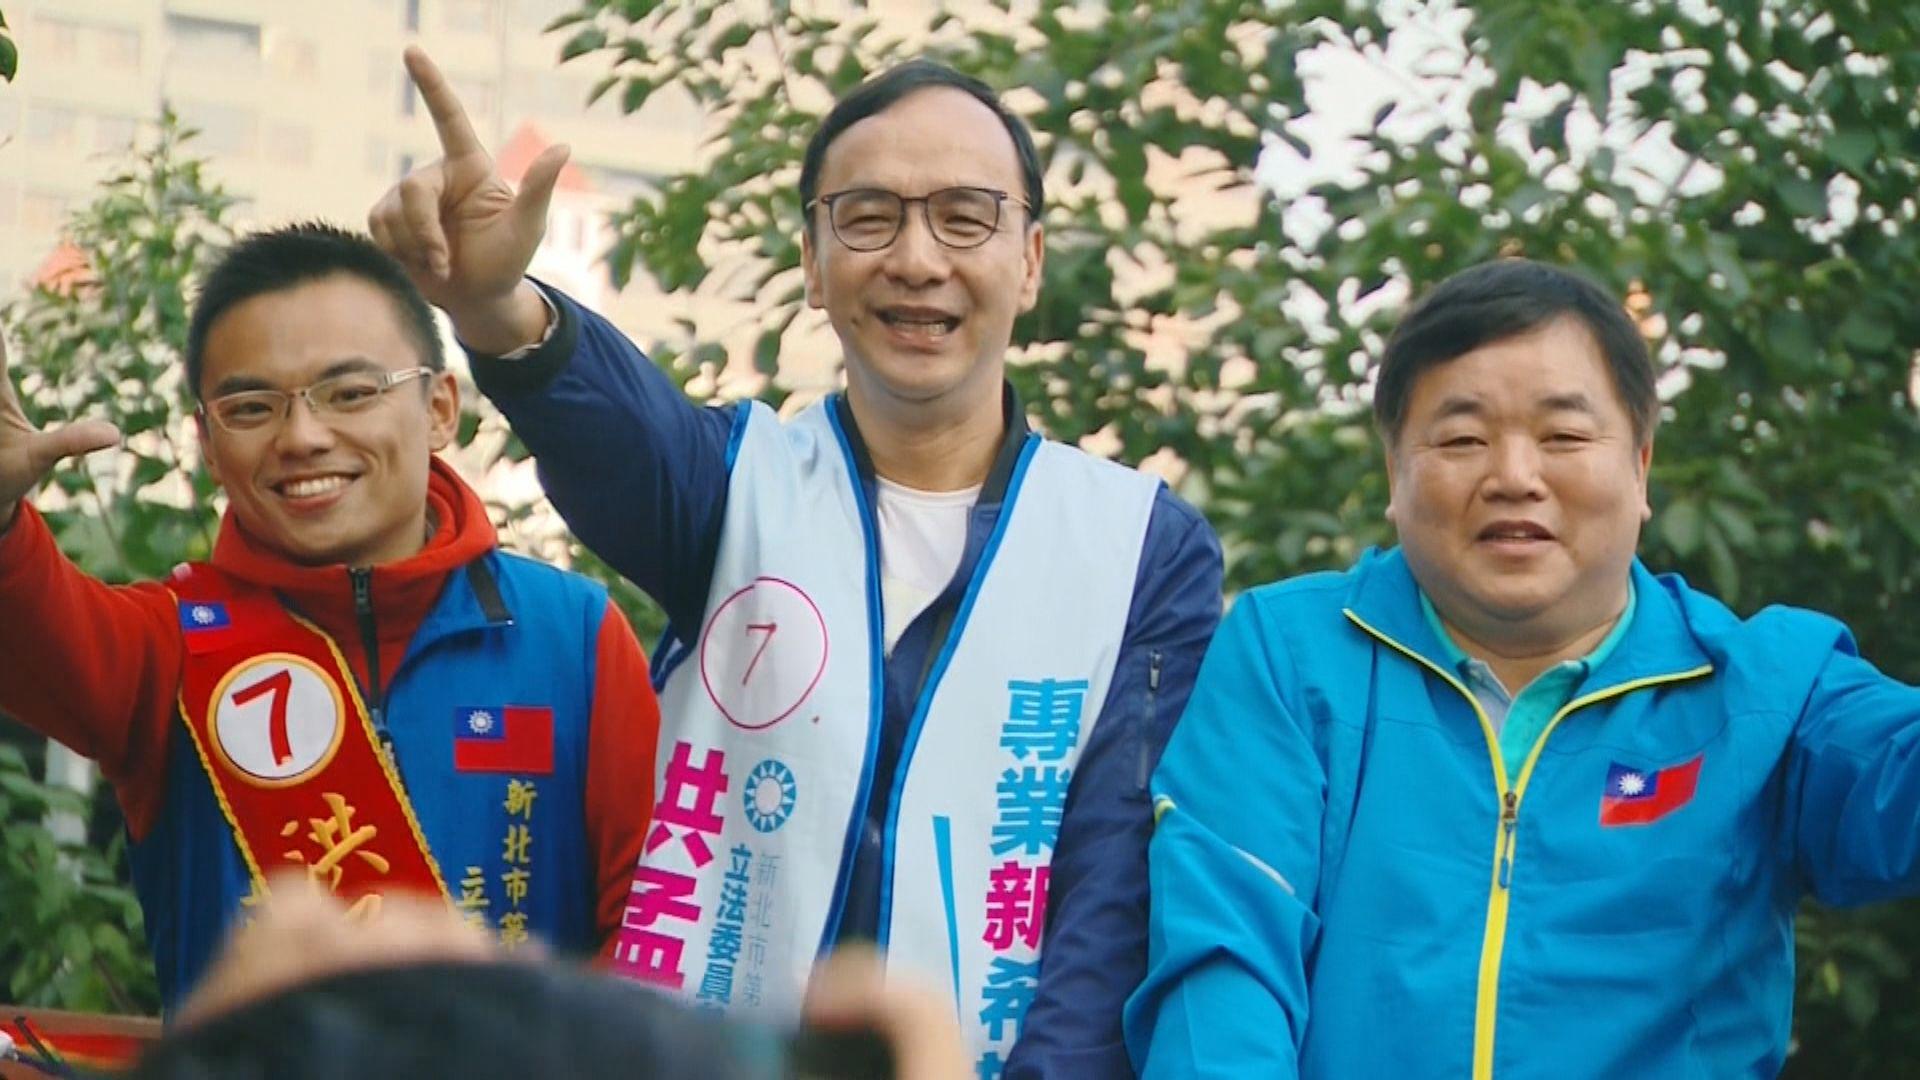 國民黨主席選舉 朱立倫勝出呼籲團結